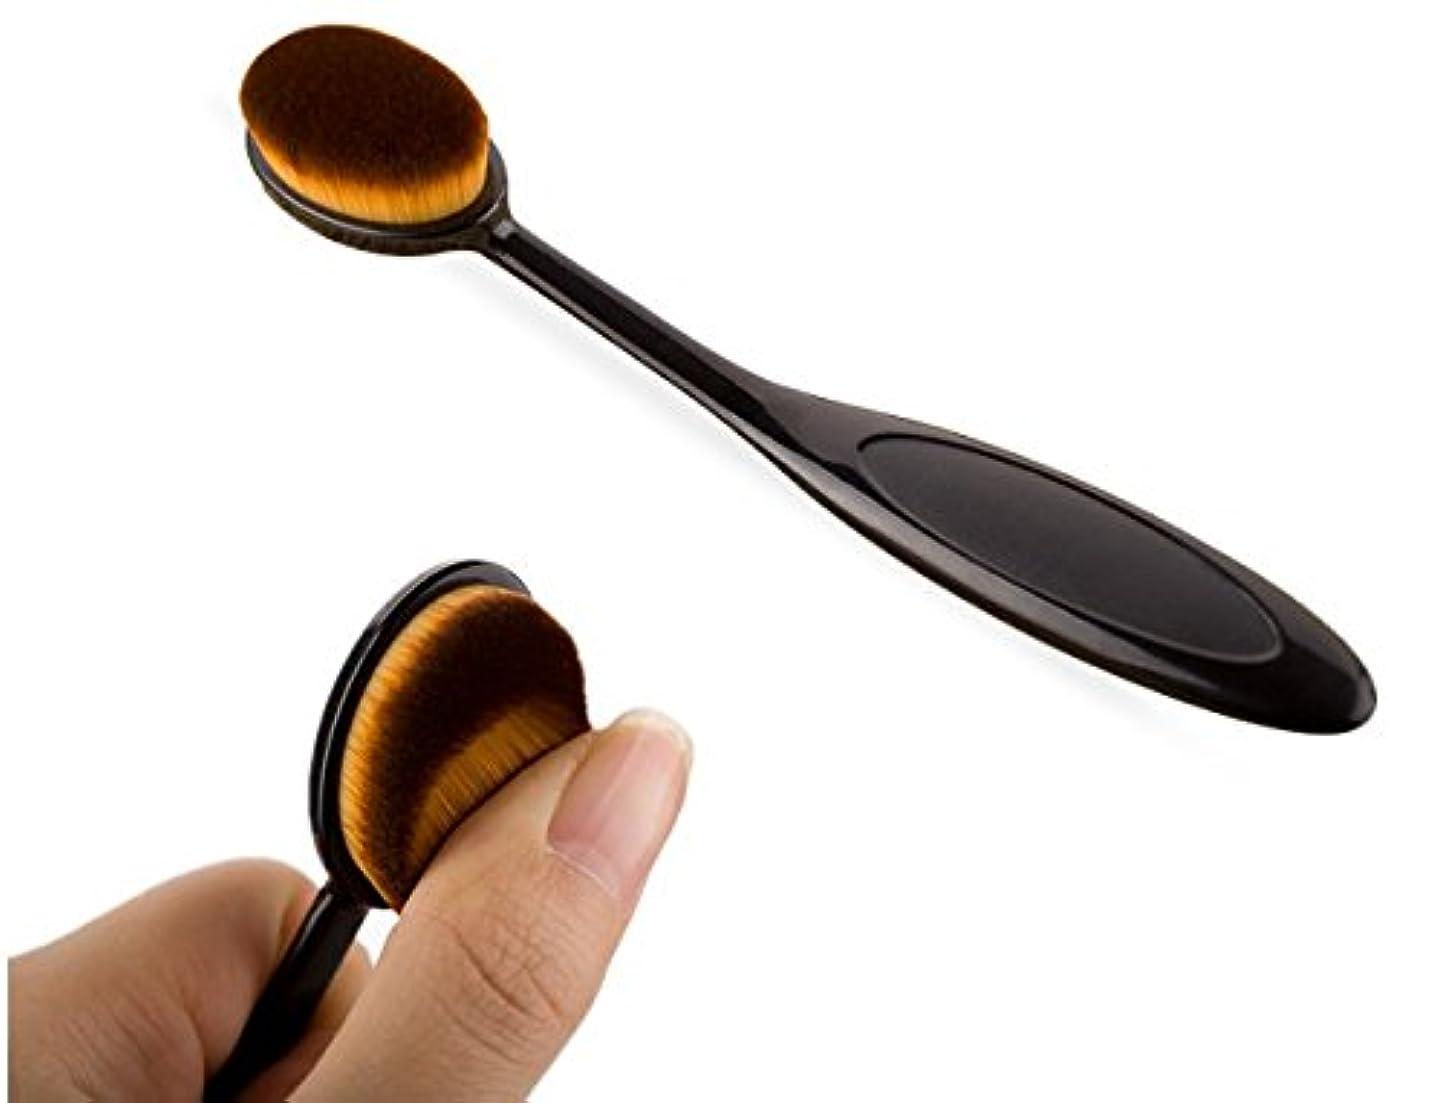 言及する形書誌(ビュティー)Biutee メイクブラシ 歯ブラシ型メイクブラシ  歯ブラシ型ブラッシャーブラシ メイクアップブラシ フェイスパウダーブラシ 化粧 ファンデーションブラシ 家庭用 プロ級用 (黒)